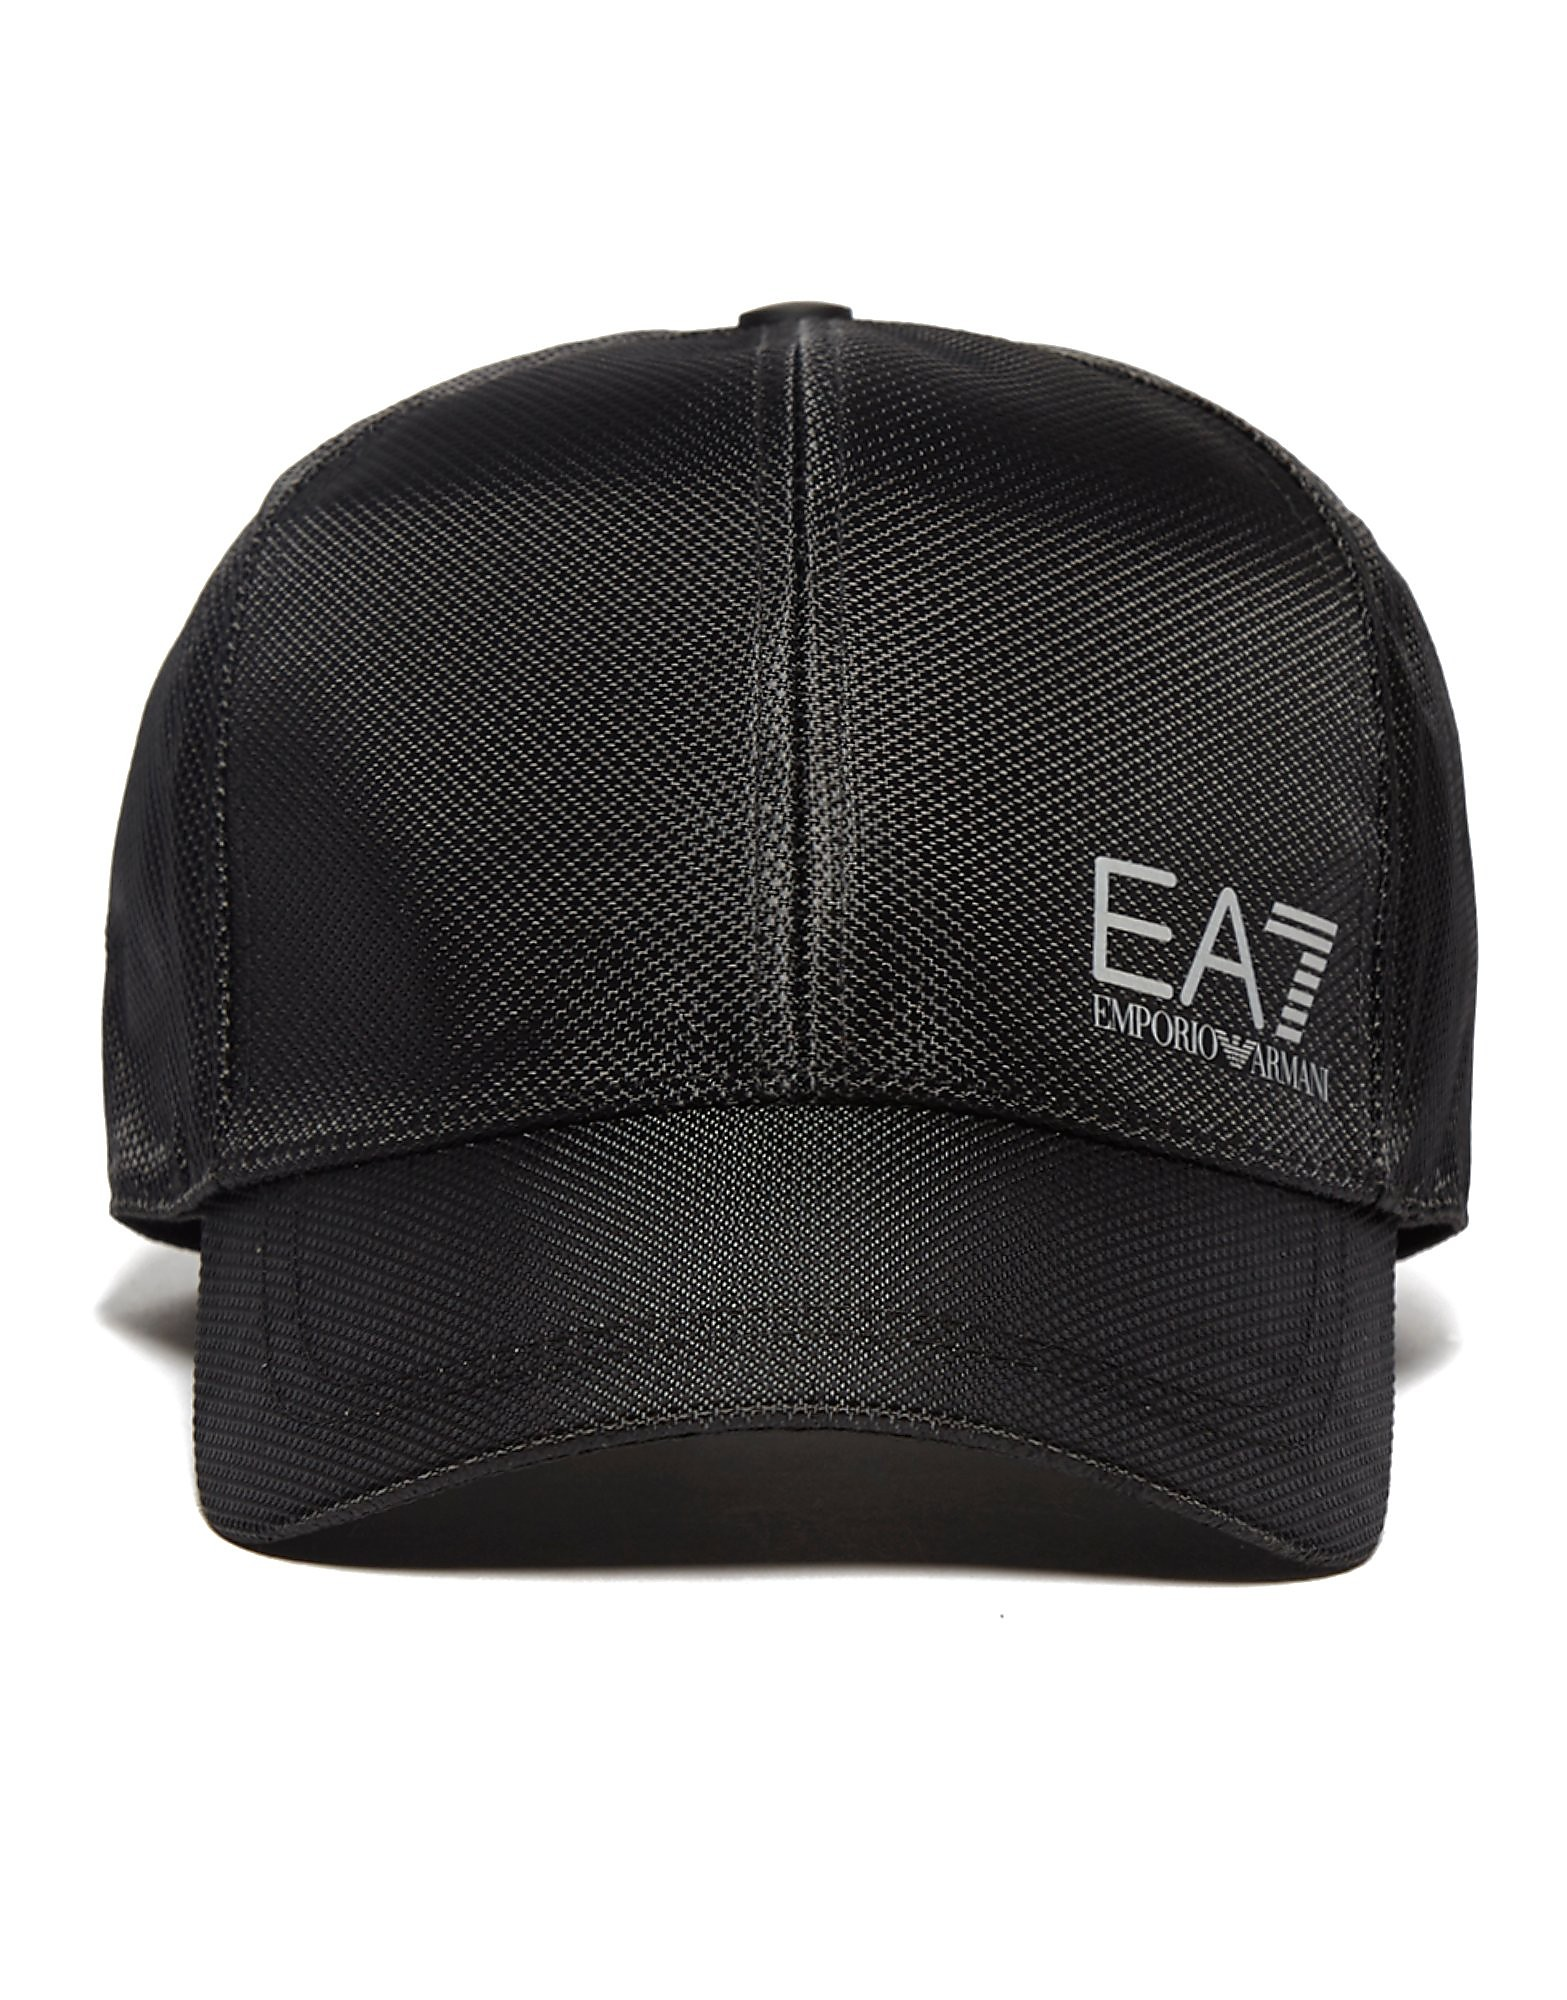 Emporio Armani EA7 Core ID Cap